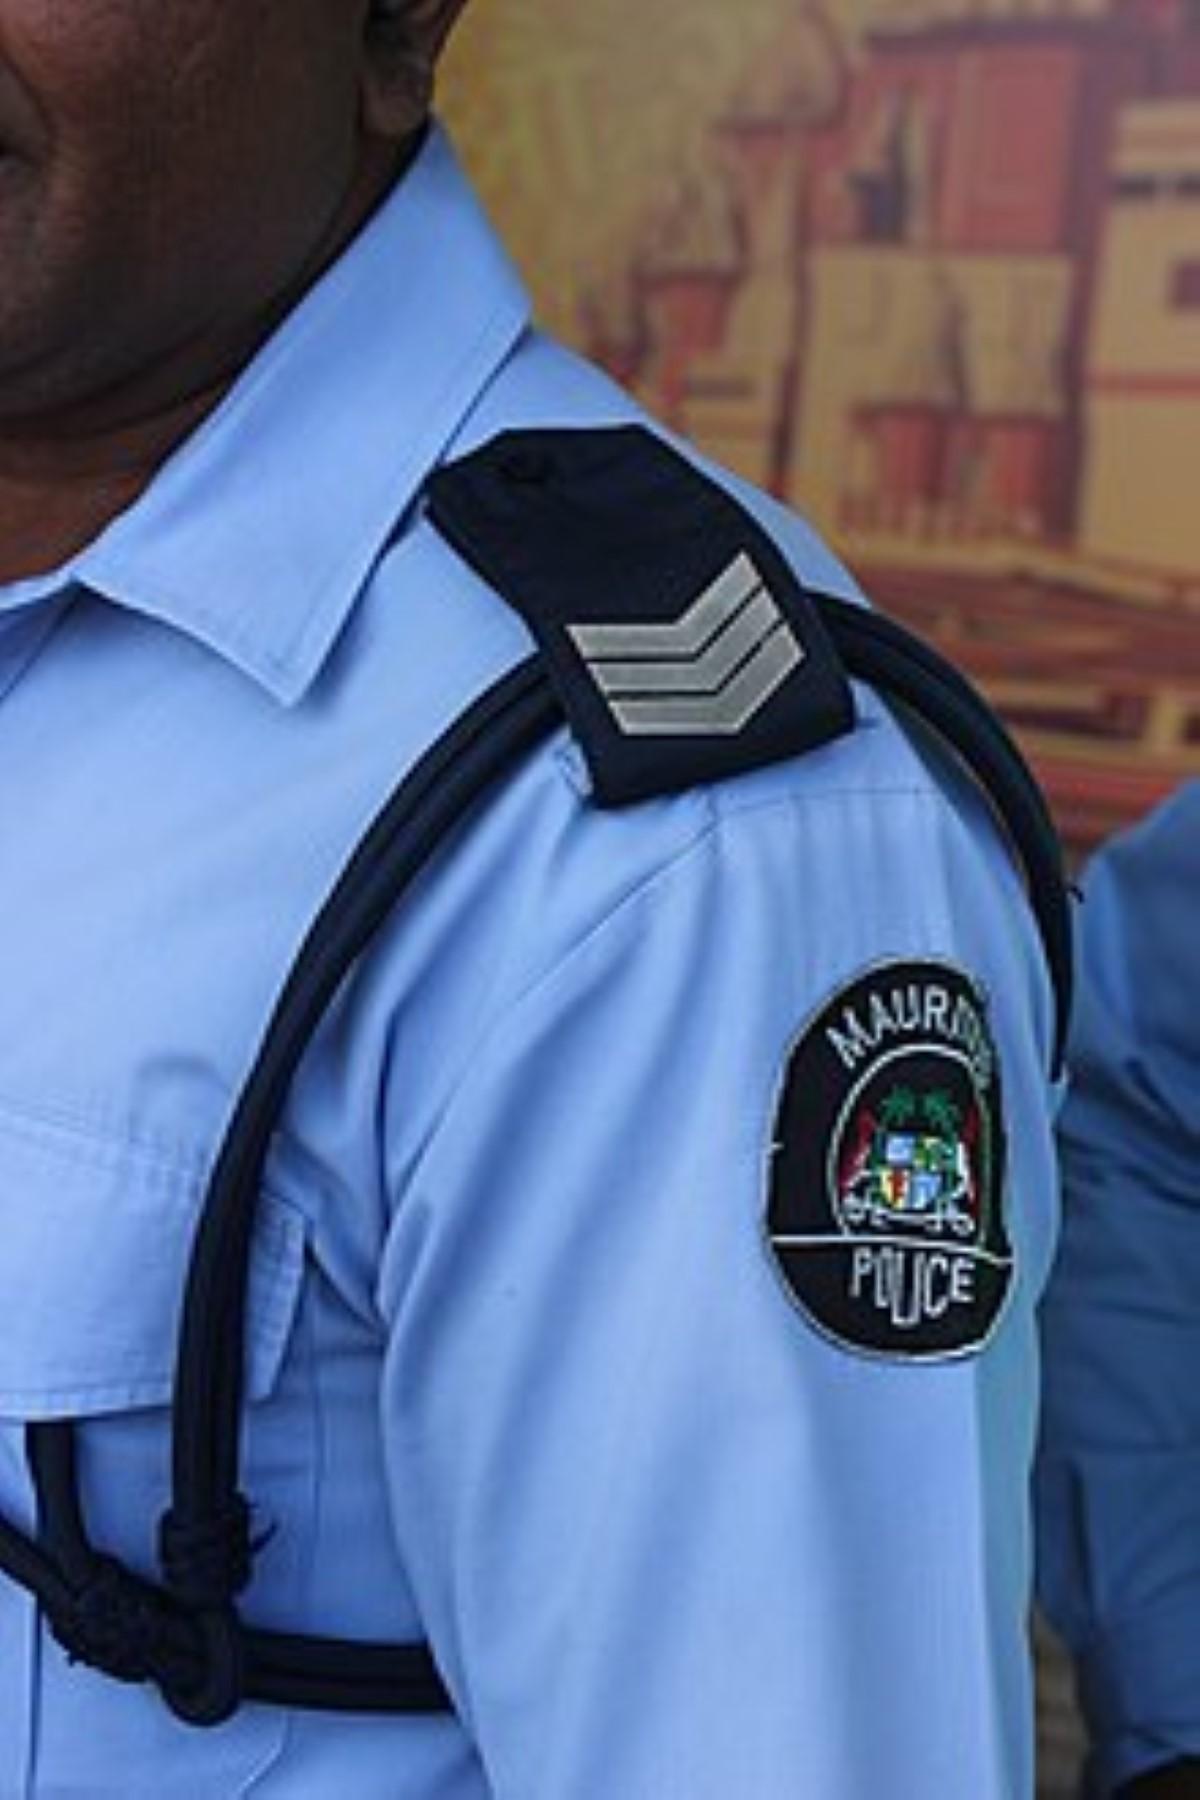 Un automobiliste agresse un policier qui voulait le verbaliser